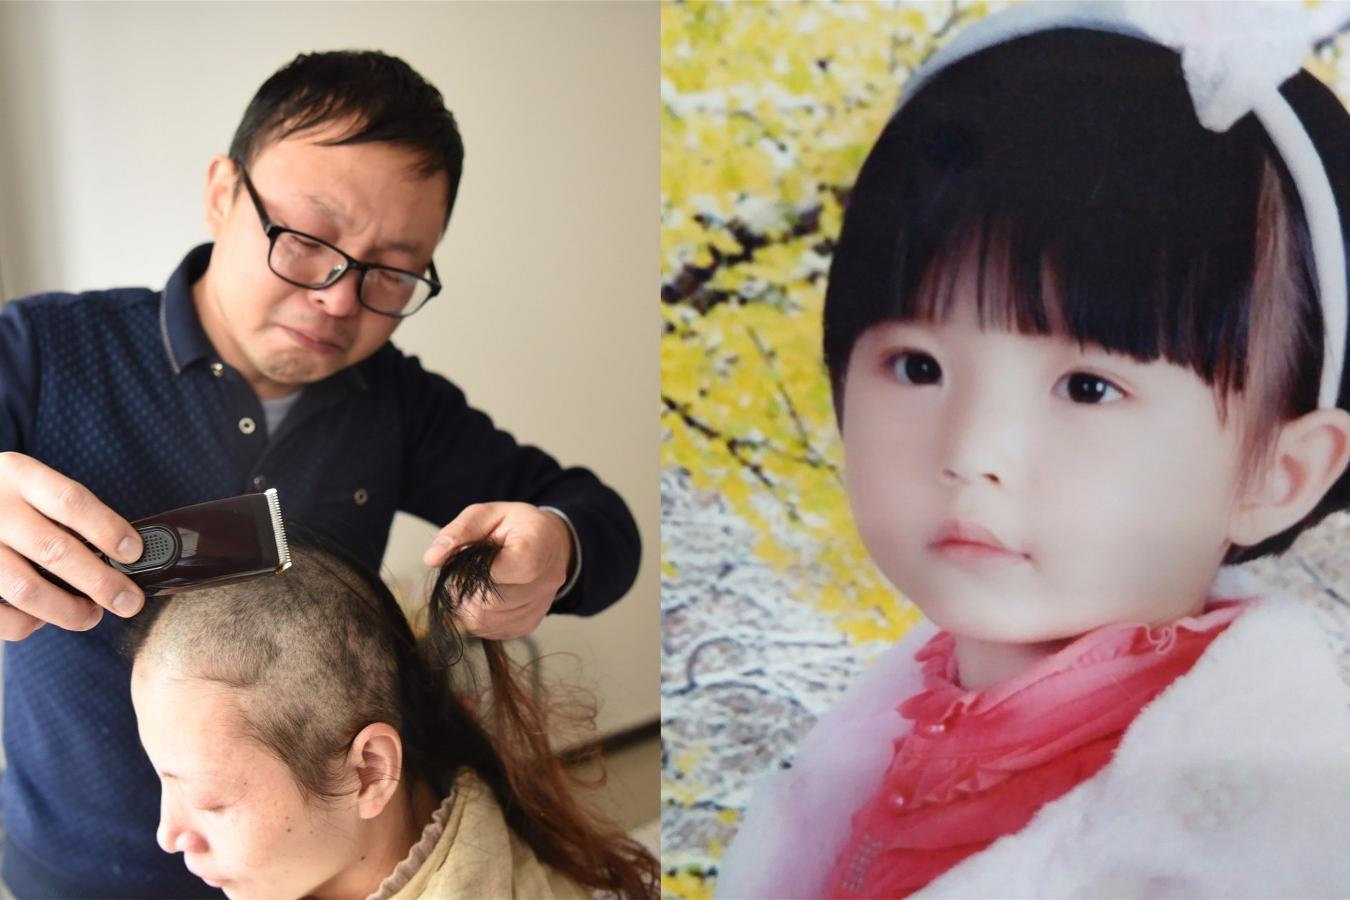 女孩剃光头_10岁白血病女孩画长发美人鱼 父母含泪剃光头